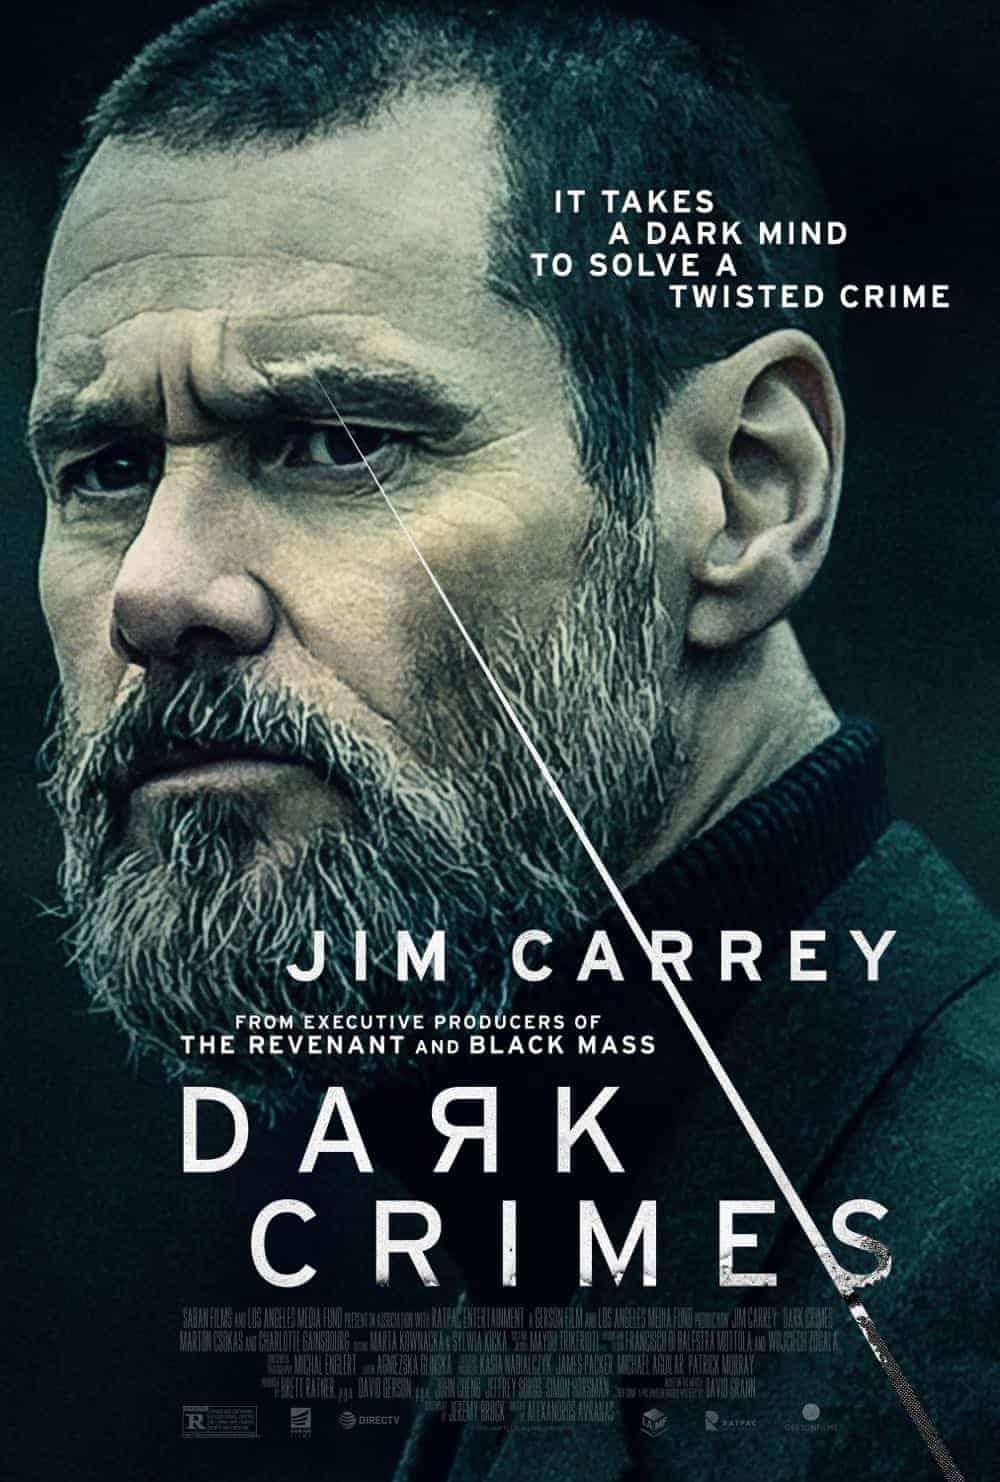 dark_crimes_movie_poster